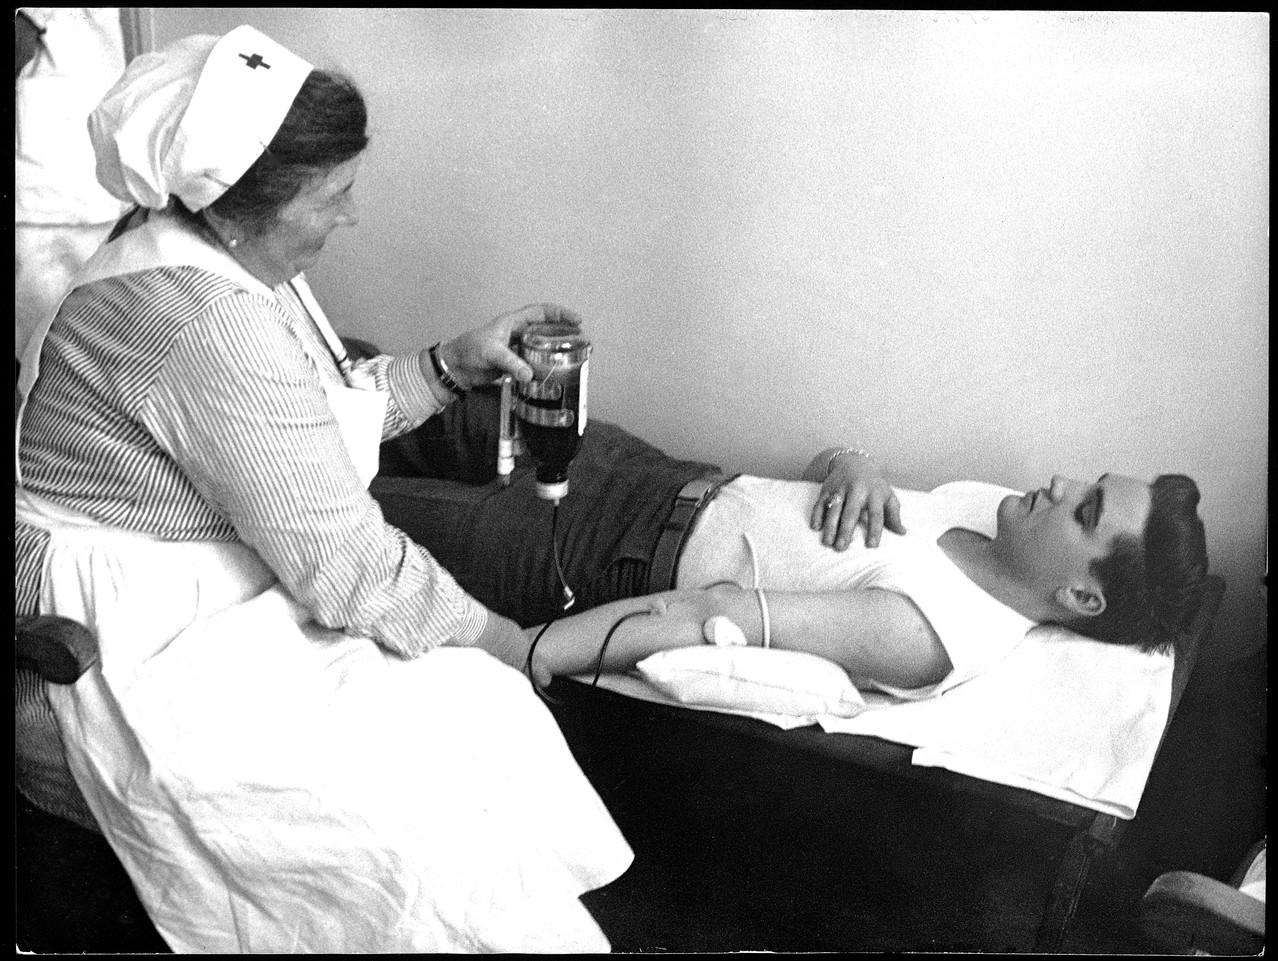 Elvis Donating Blood: esta foto se subió el 18 de noviembre, 2010 por la American Red Cross